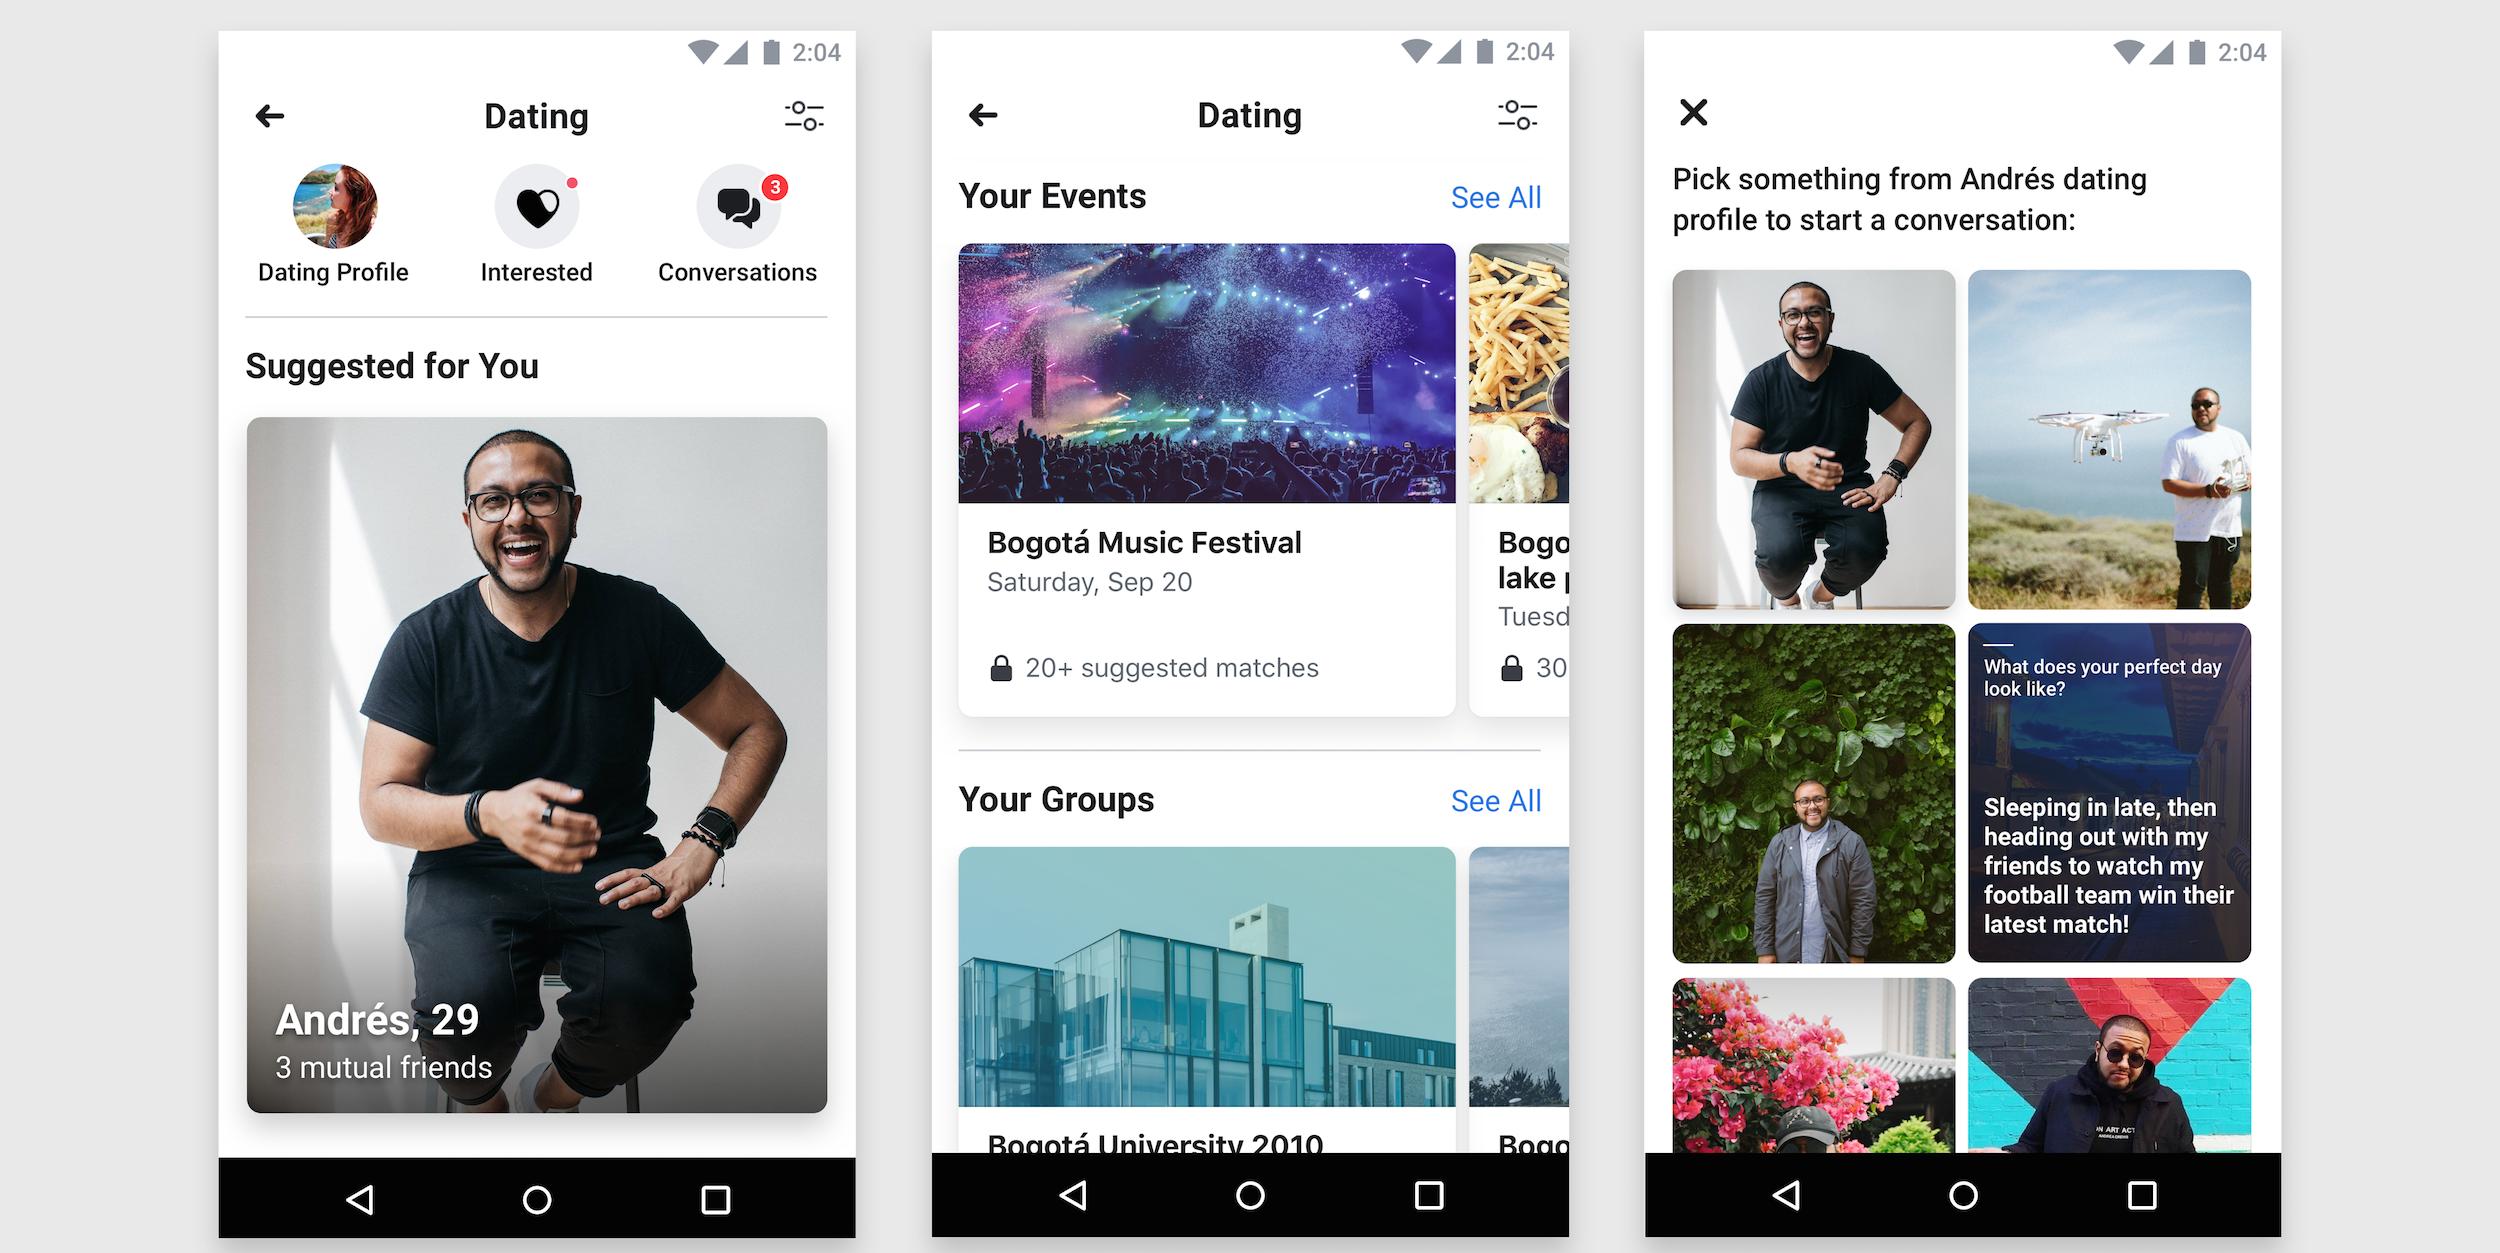 Facebook online dating app in Melbourne